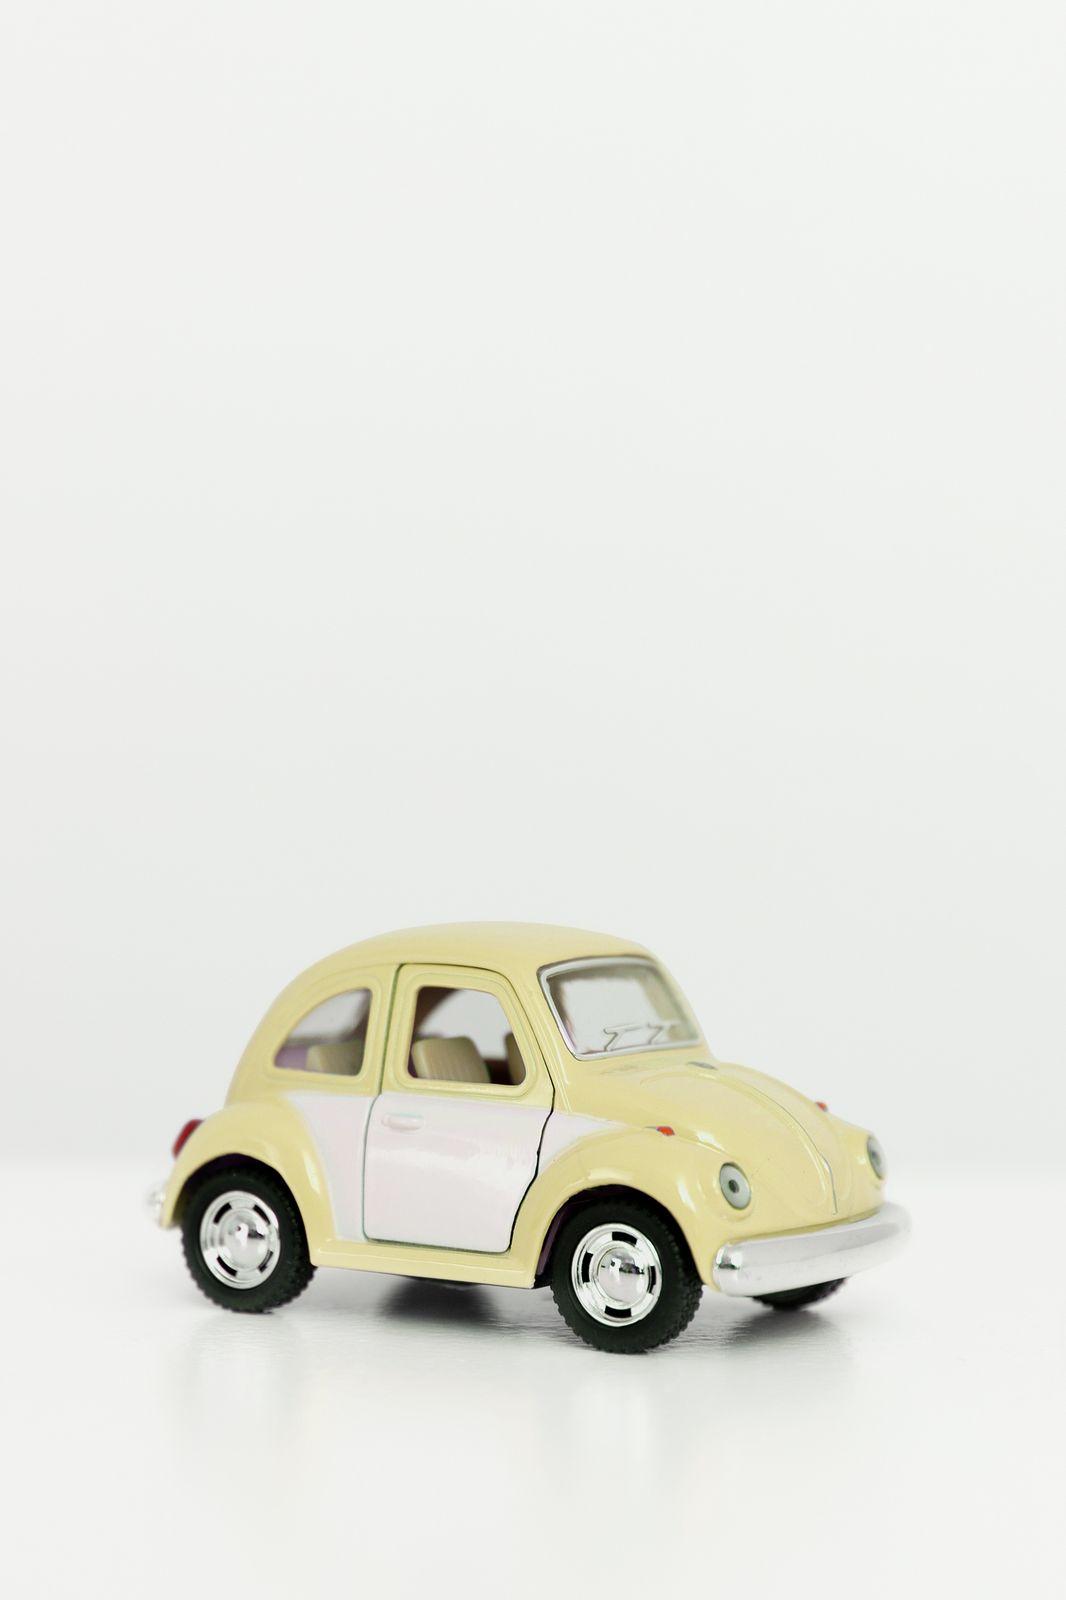 Metalen volkswagen beetle pastel lichtgeel - Homeland | Sissy-Boy